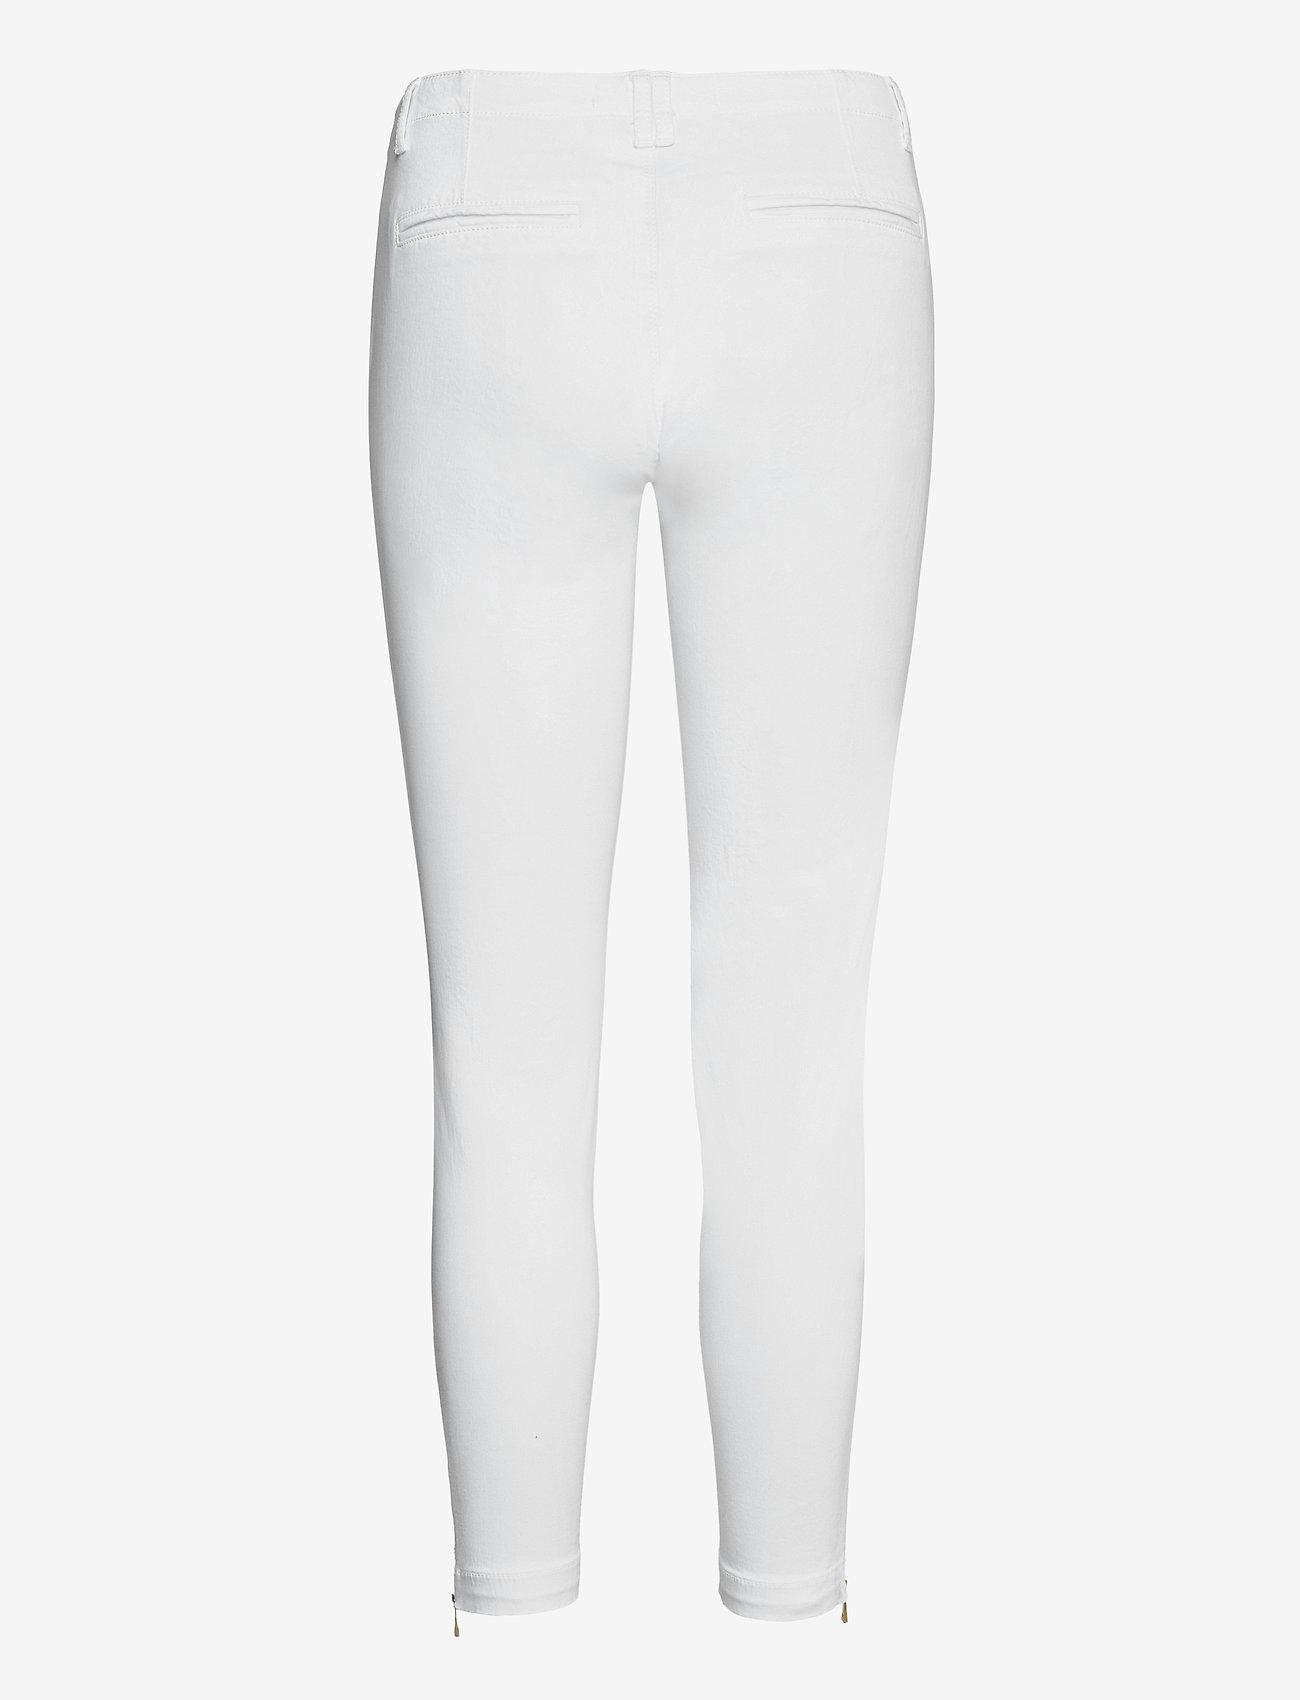 Sofie Schnoor - Pants - slim fit bukser - white - 1